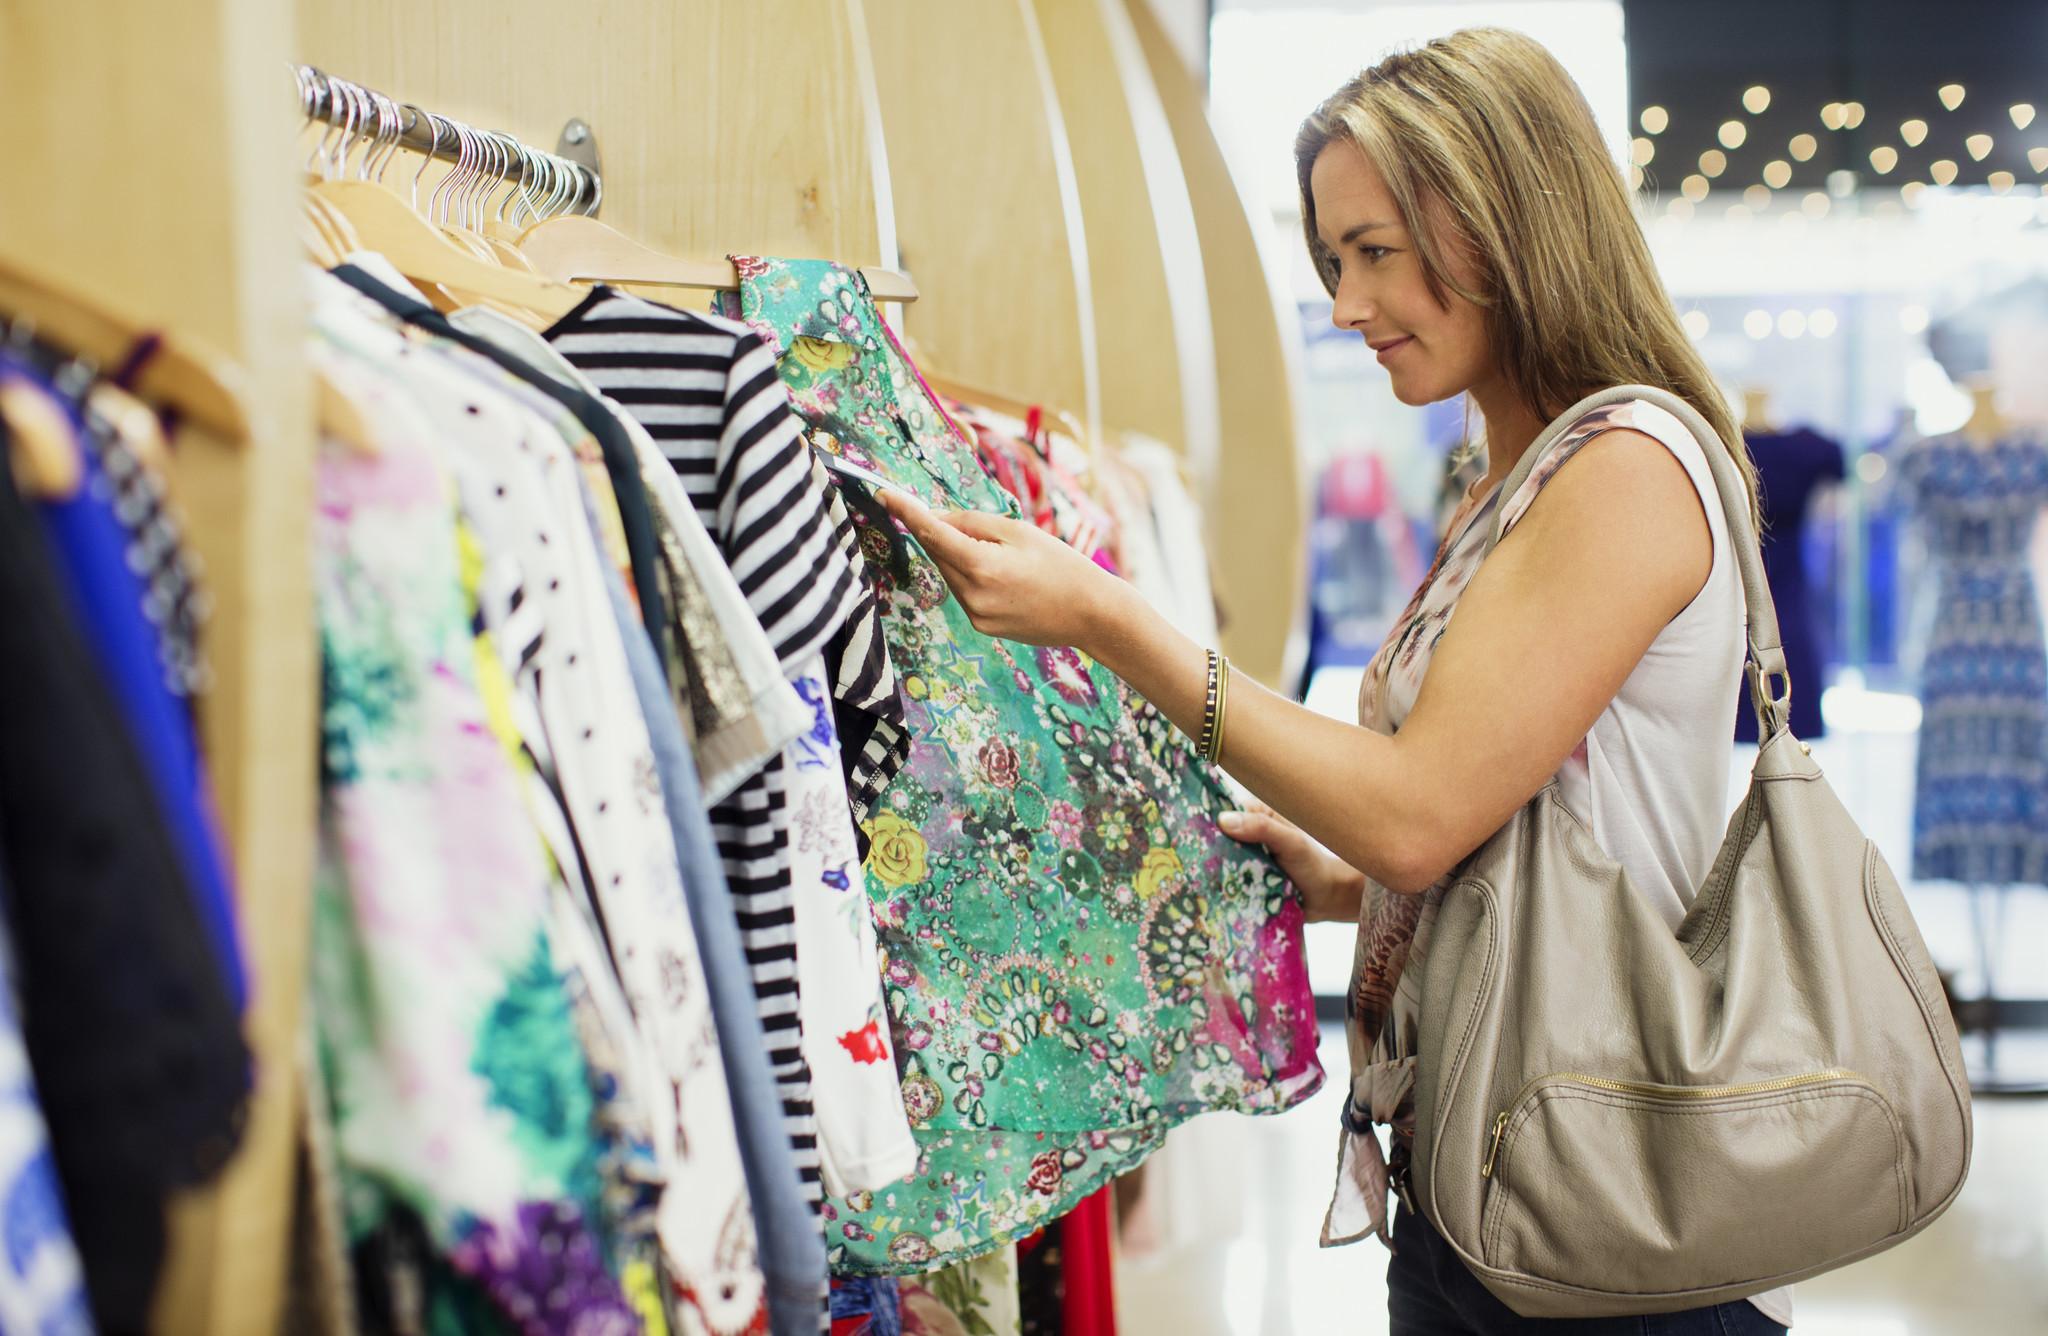 بالصور تسوق ملابس , الى من يعشقون التسوق 2877 2